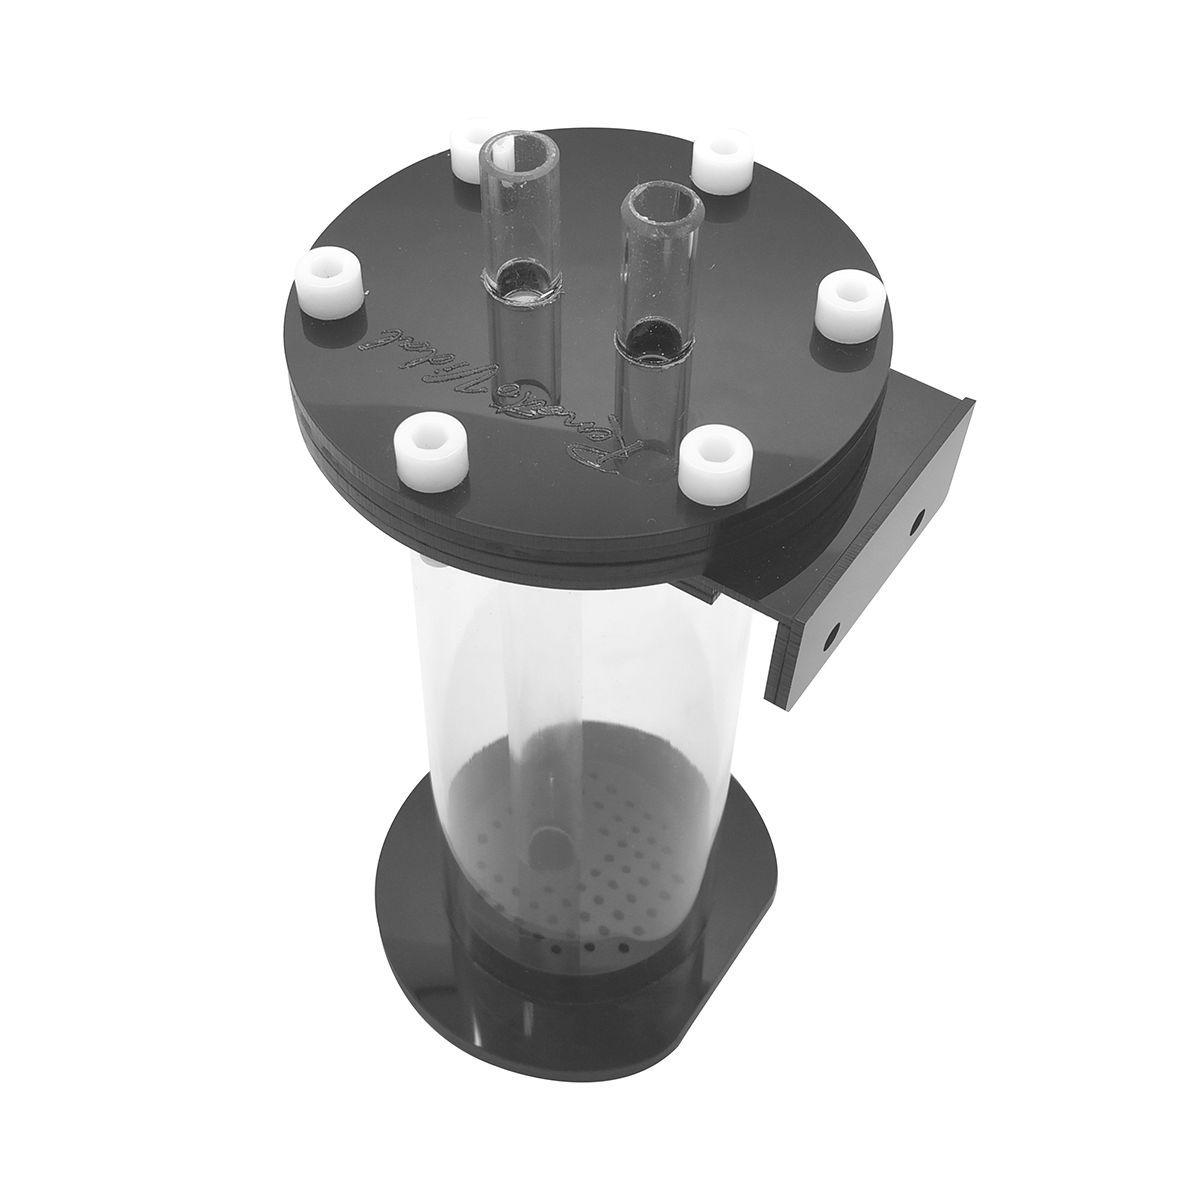 Reator de Mídias (Purigen/Carvão) R-0700 - 0,7 Litros